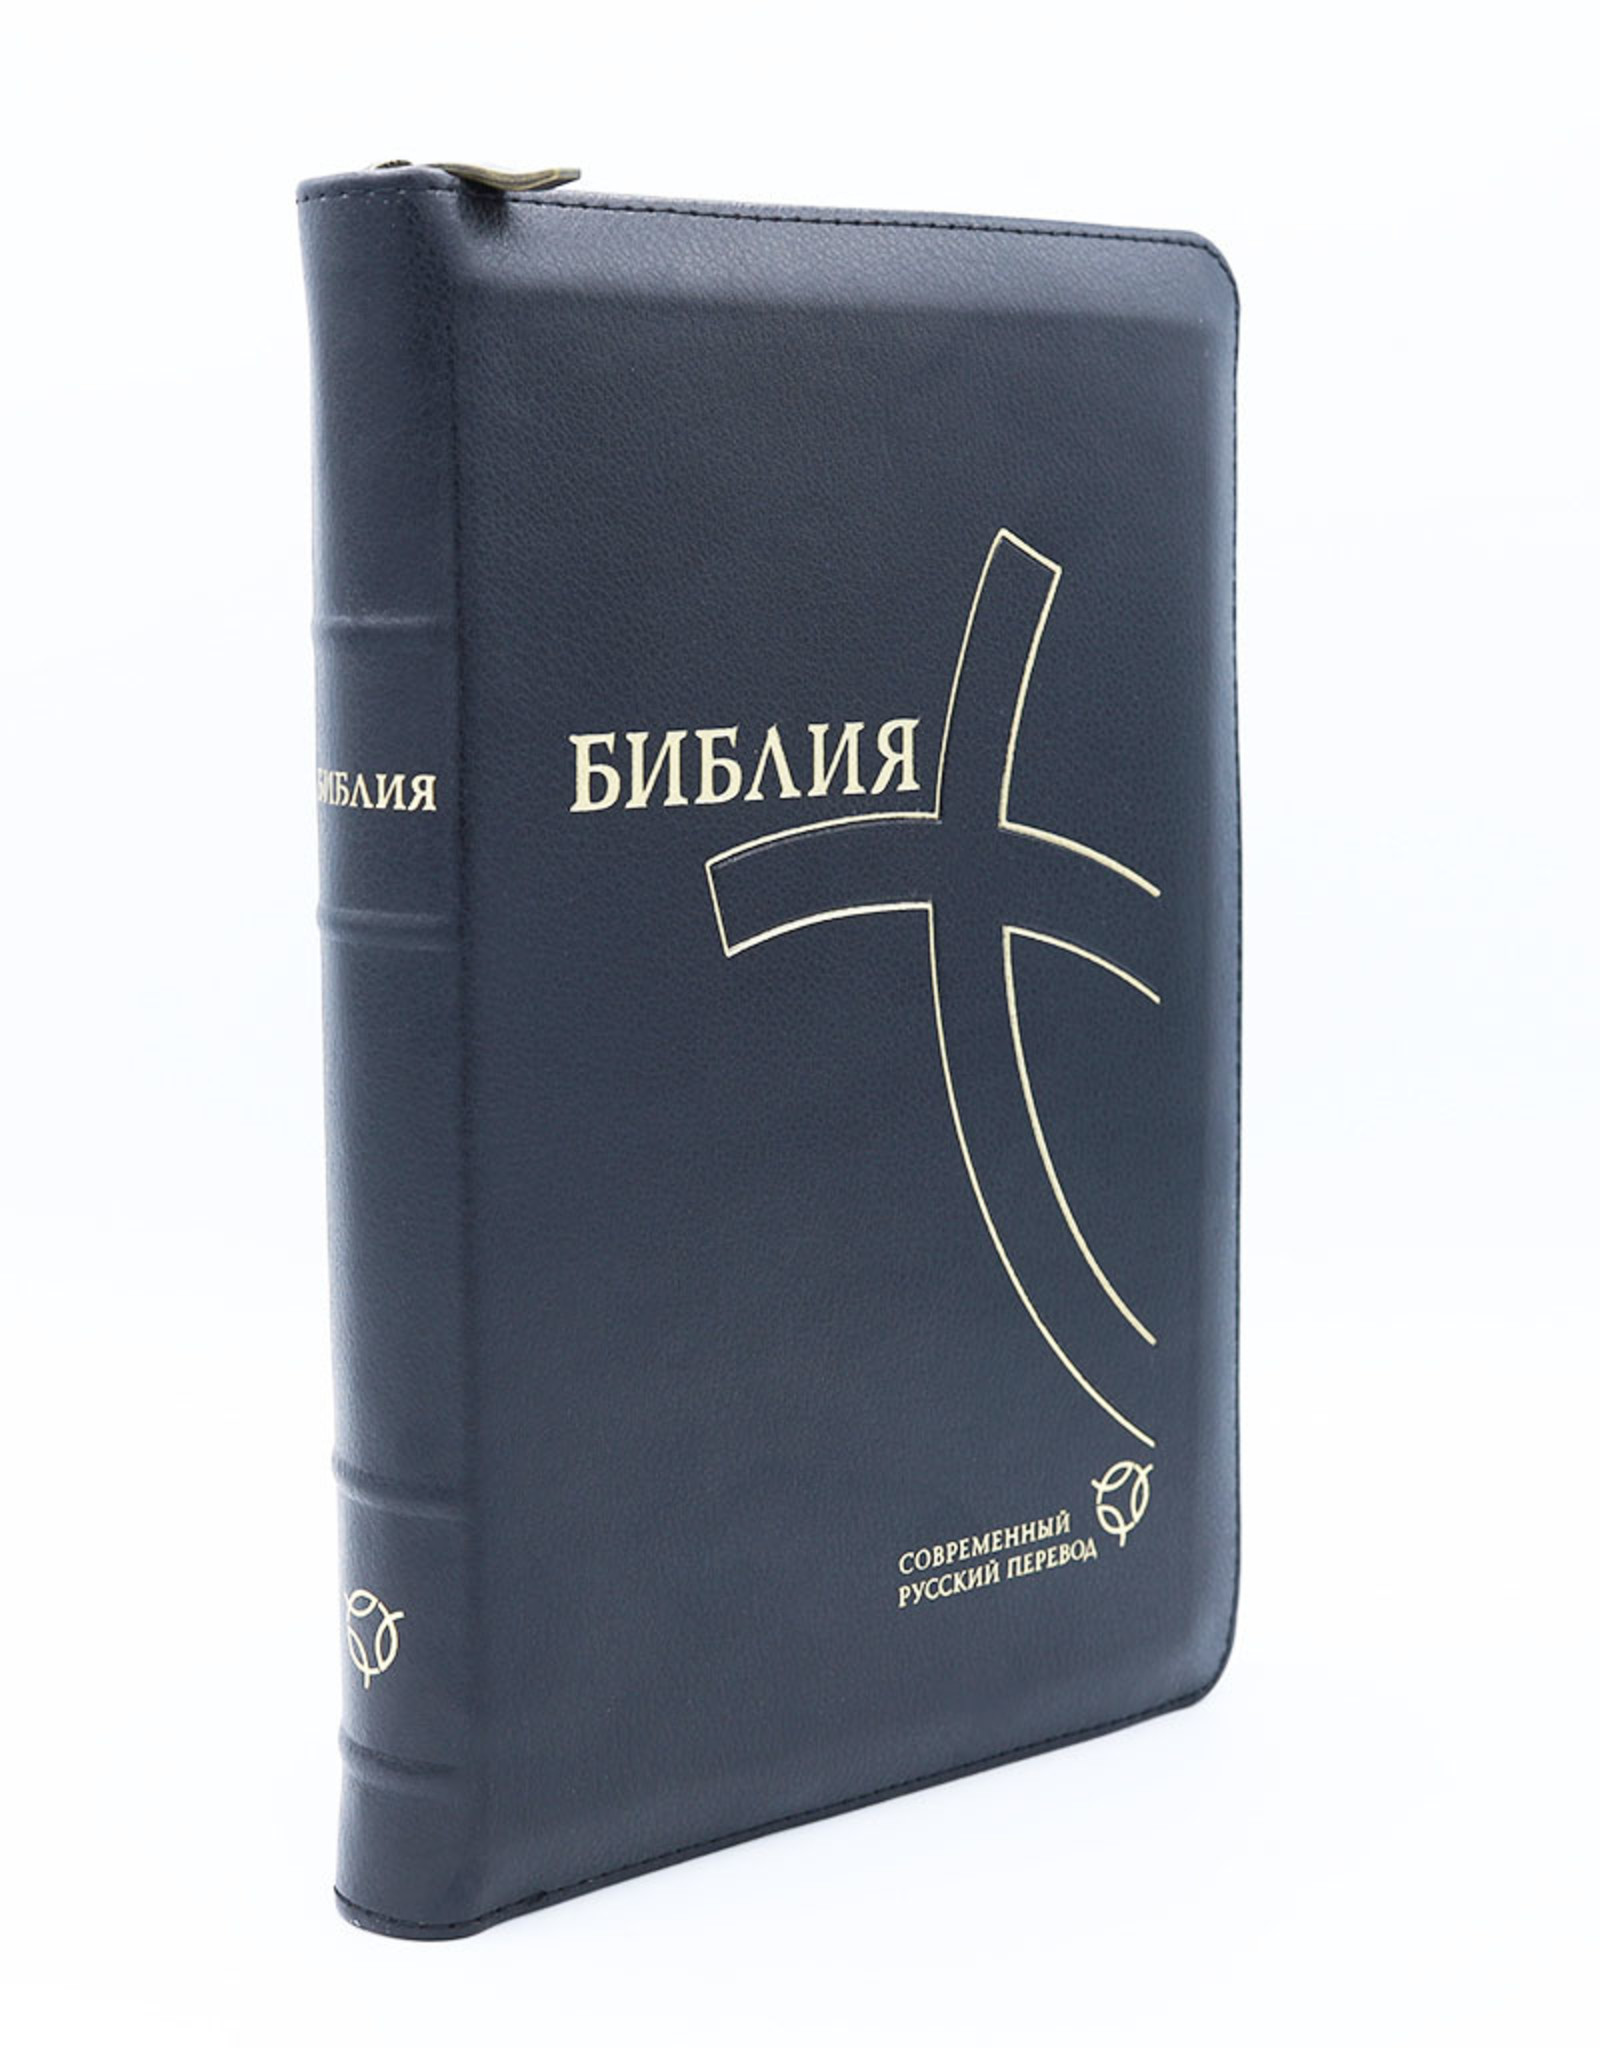 Библия, Современный Русский Перевод, Large, Black, Index